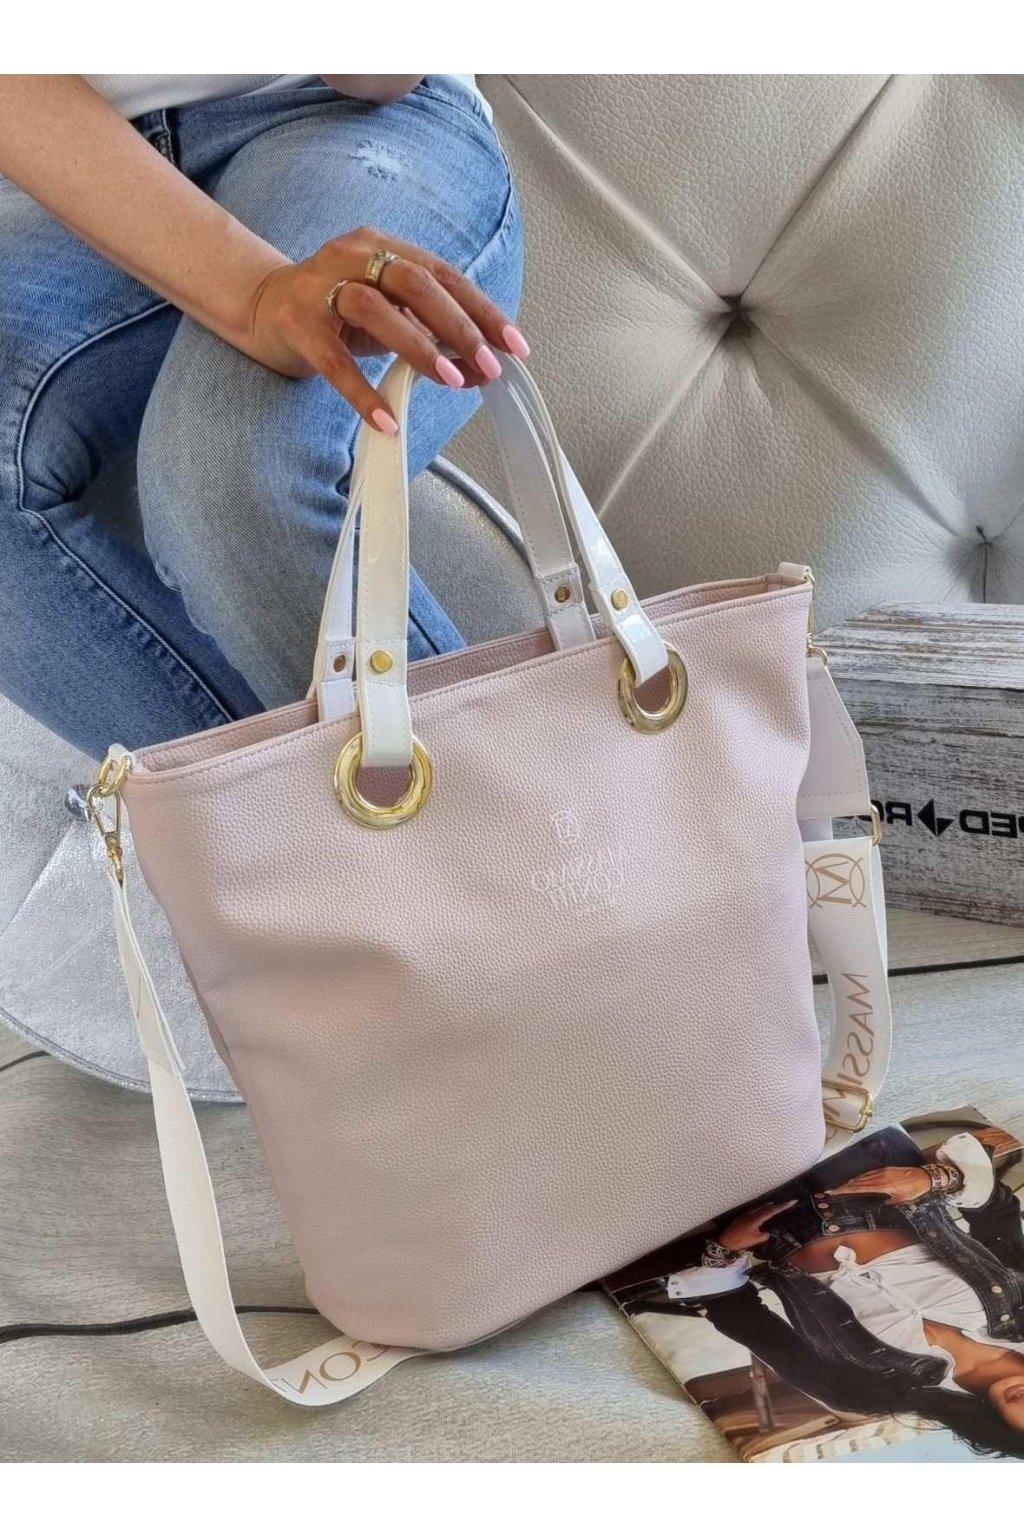 Massimo contti exluzivní značková luxusní kabelka italy fashion pudrová růžová